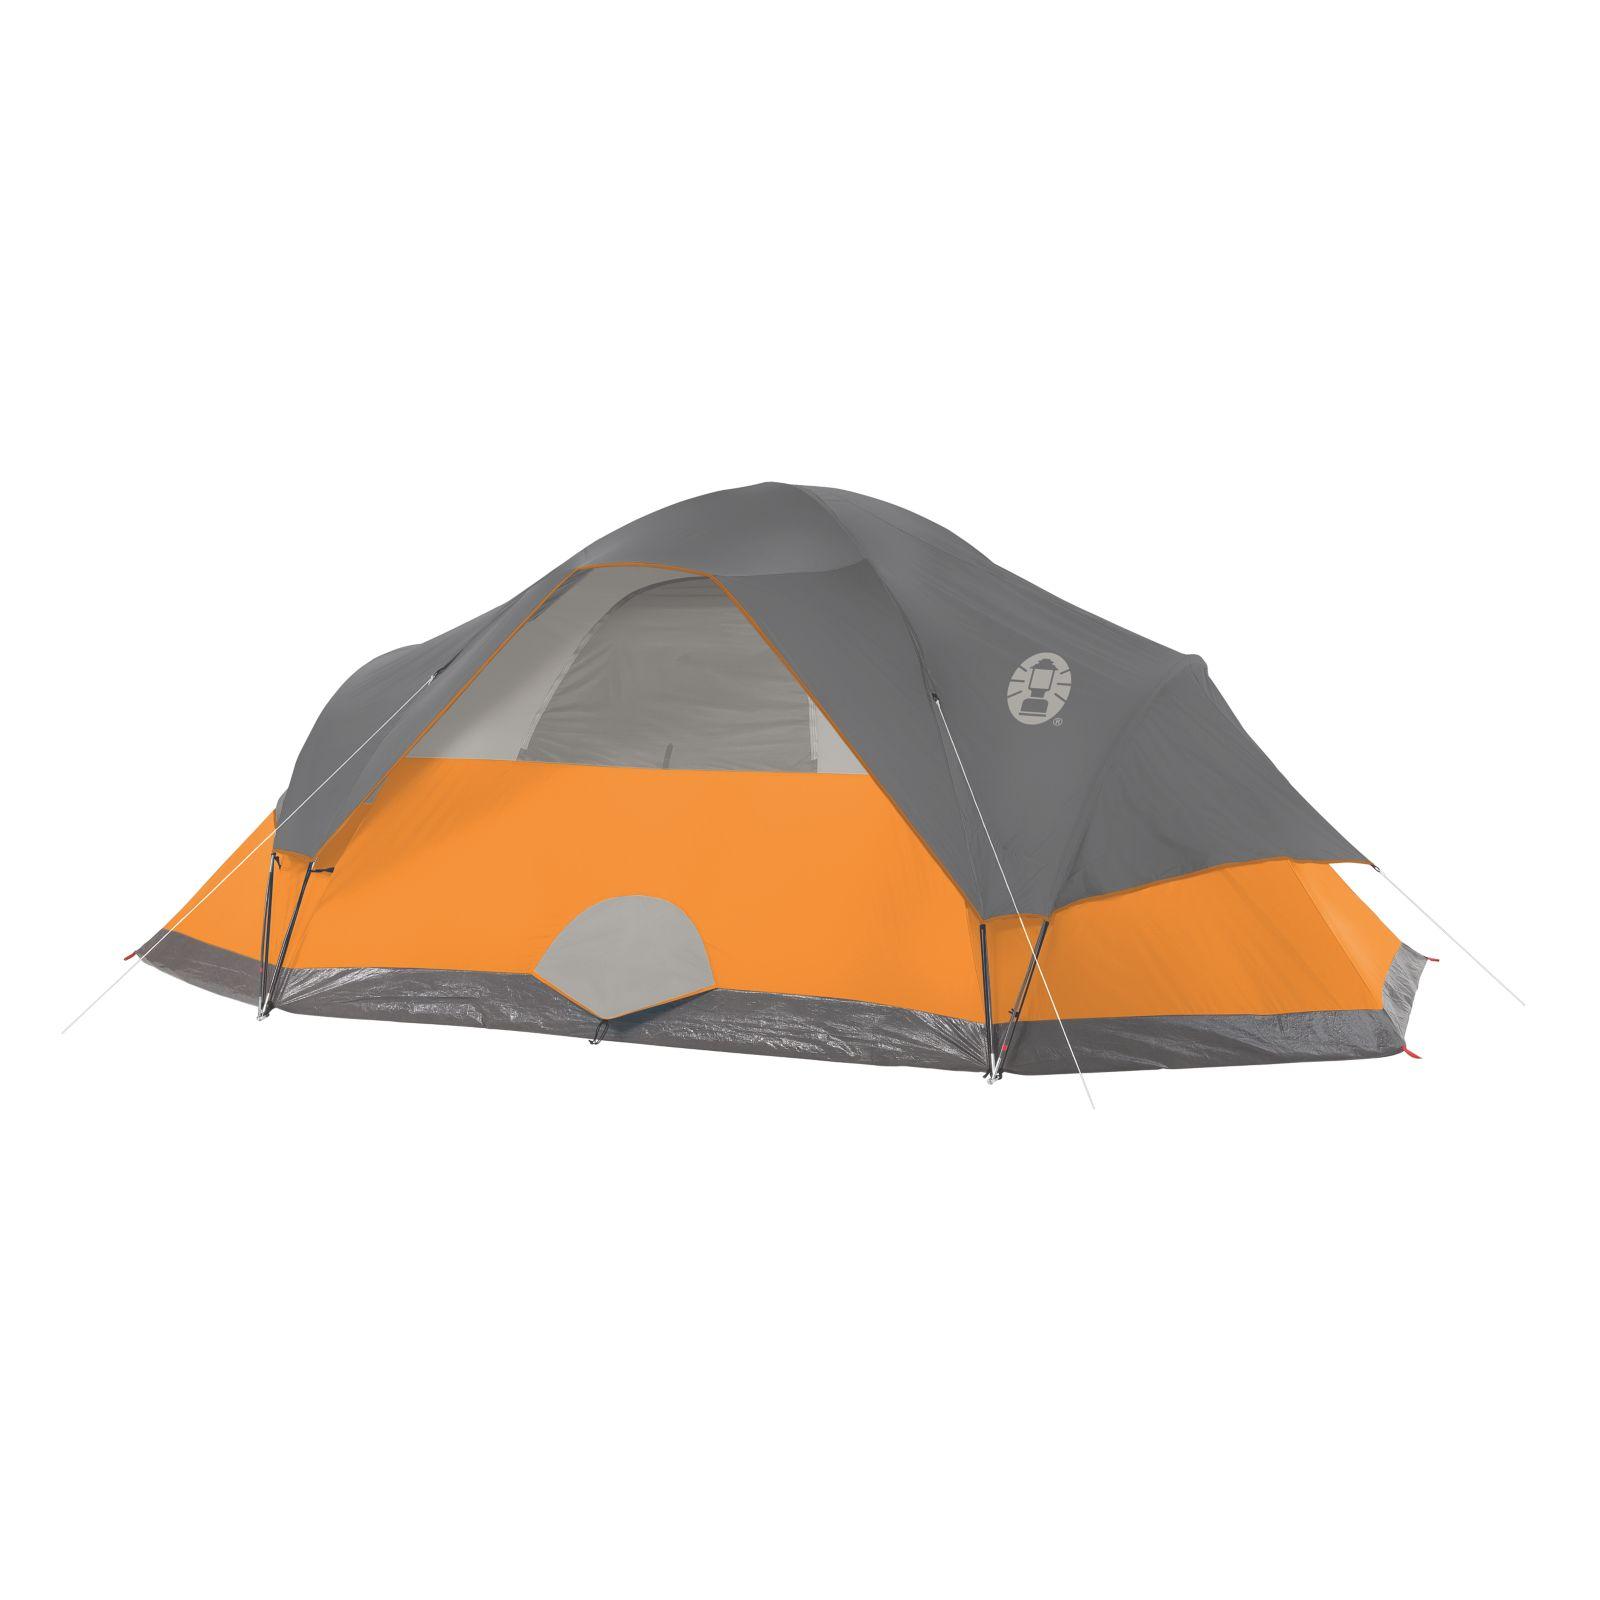 Coleman Durango® 8-Person Tent 2  sc 1 st  Kmart & Coleman Durango® 8-Person Tent - Fitness u0026 Sports - Outdoor ...